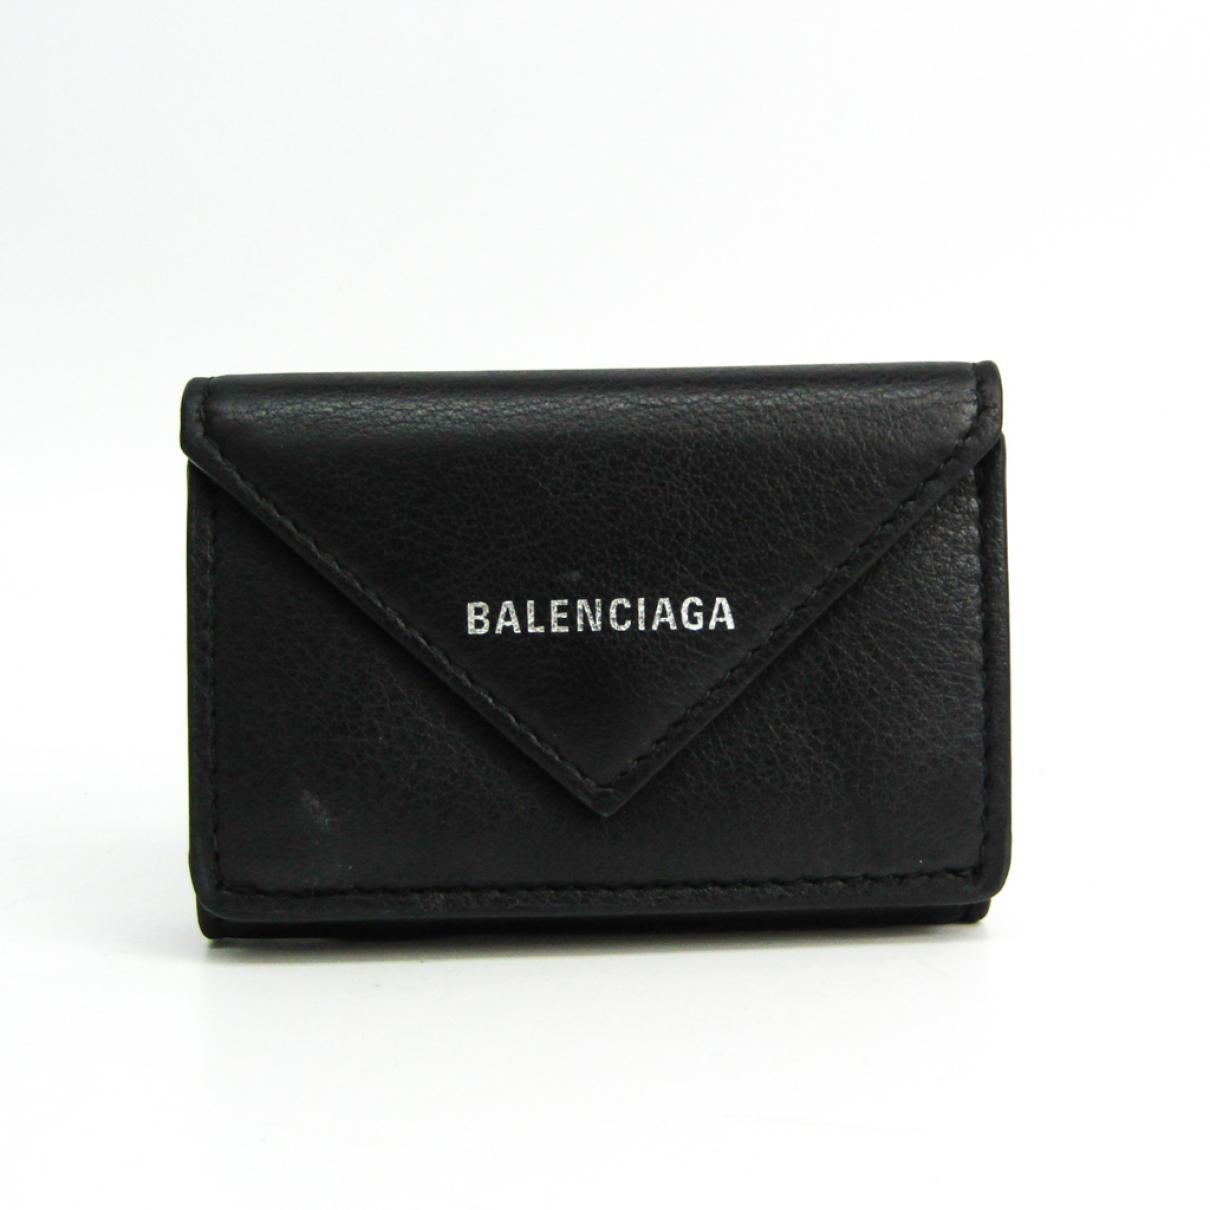 Balenciaga - Portefeuille   pour femme en cuir - noir